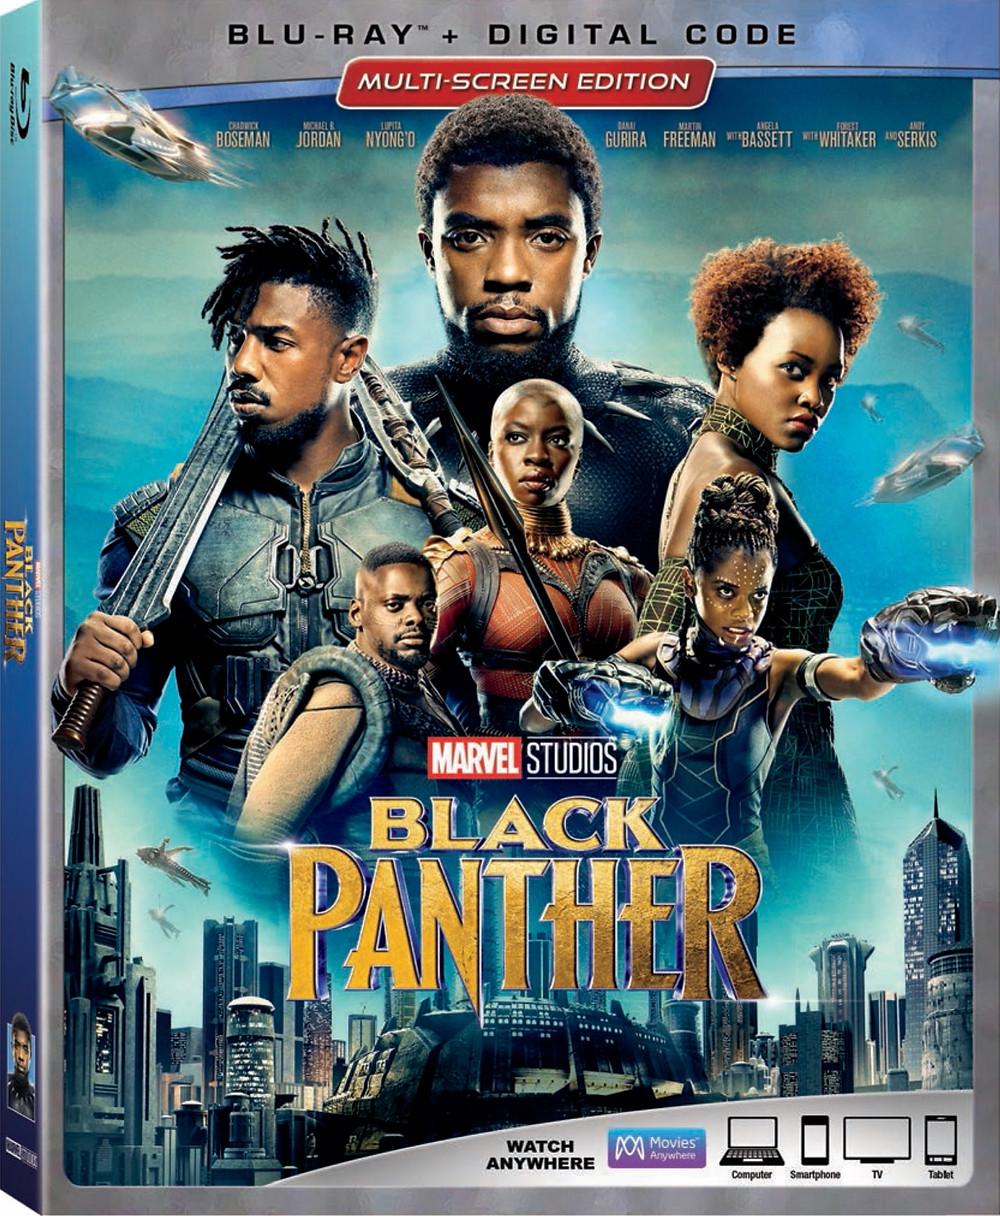 Black Panther Box Art